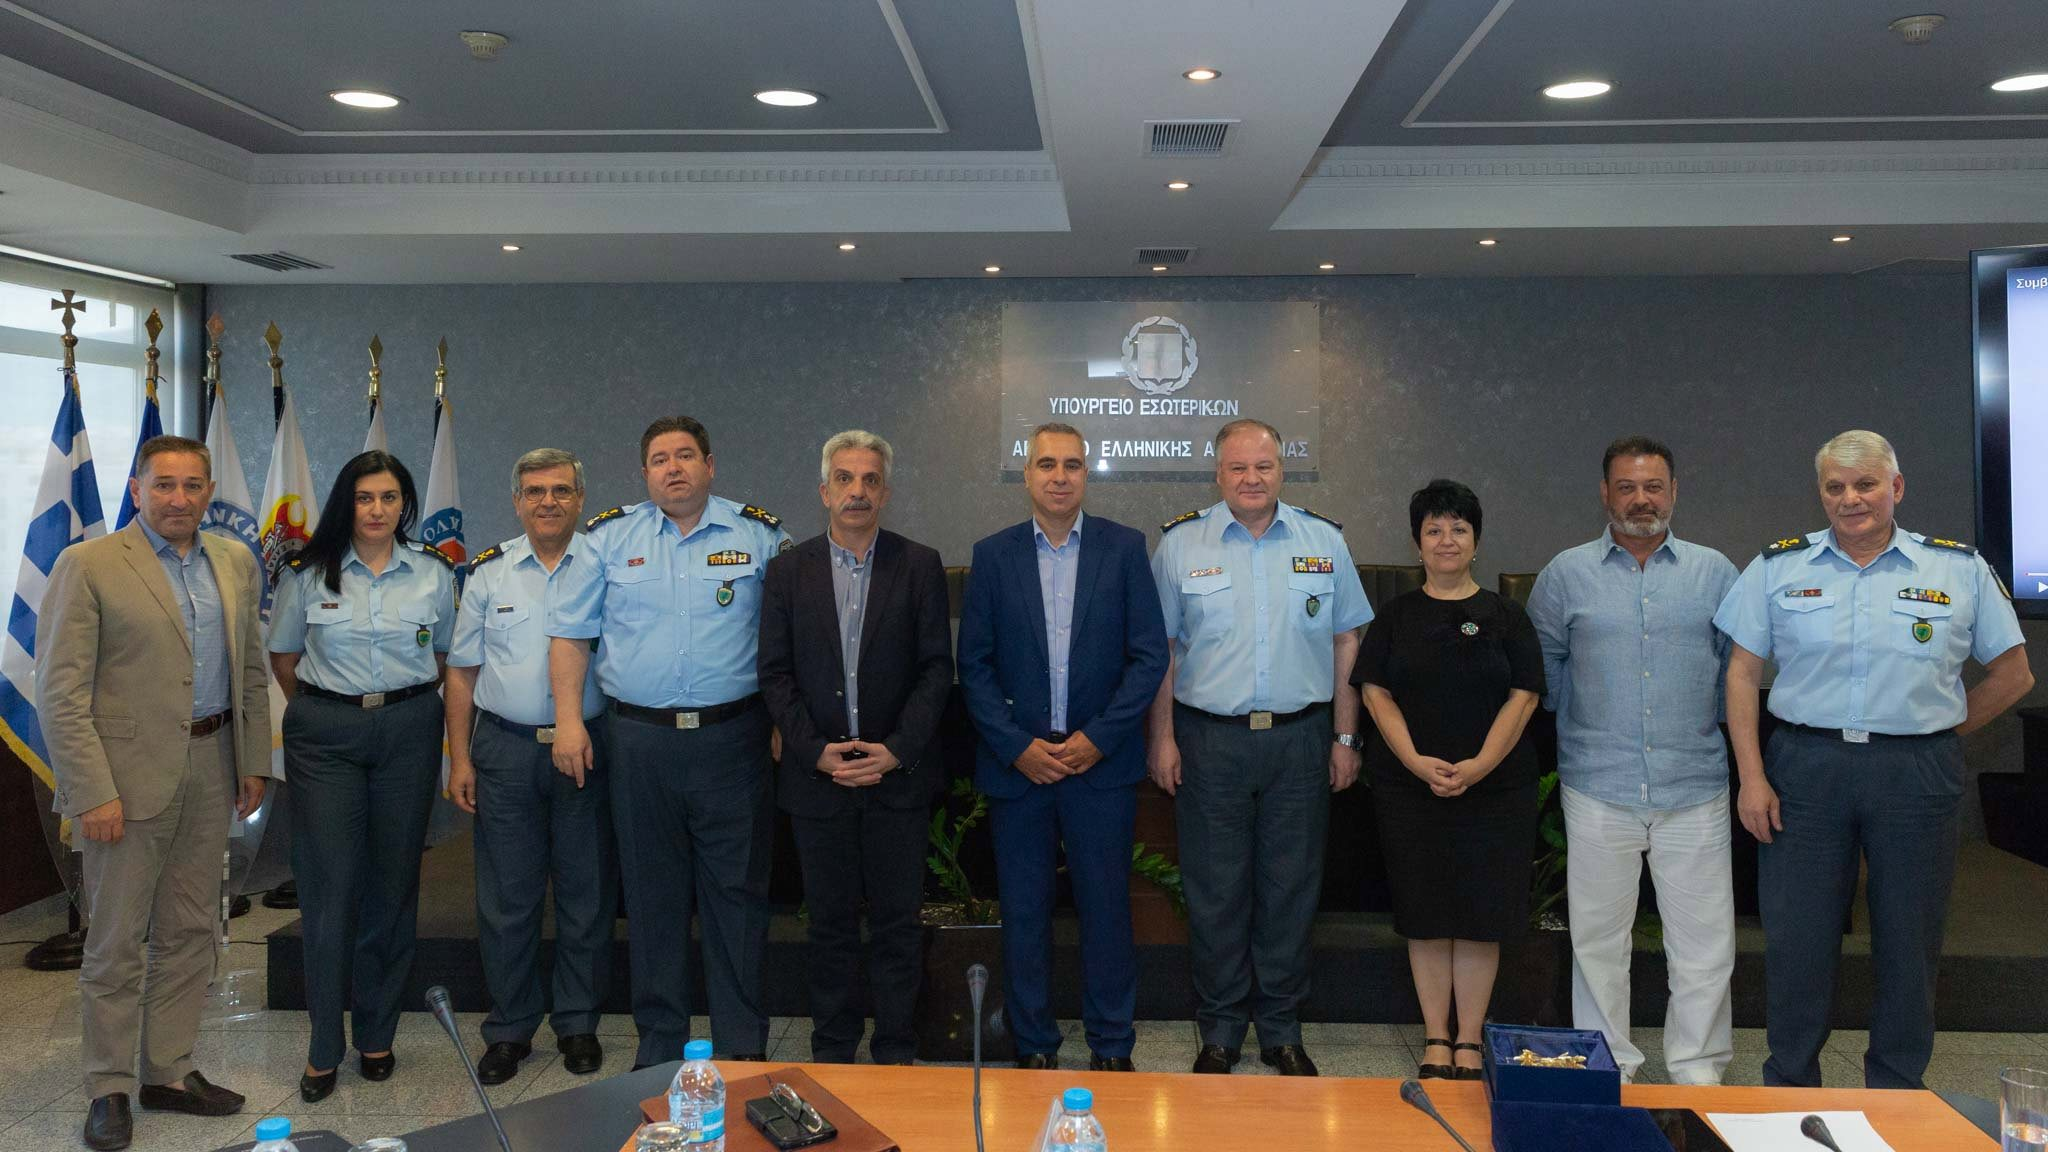 αντιπροσωπία των κωφών στο Υπουργείο της προστασίας του Πολίτη